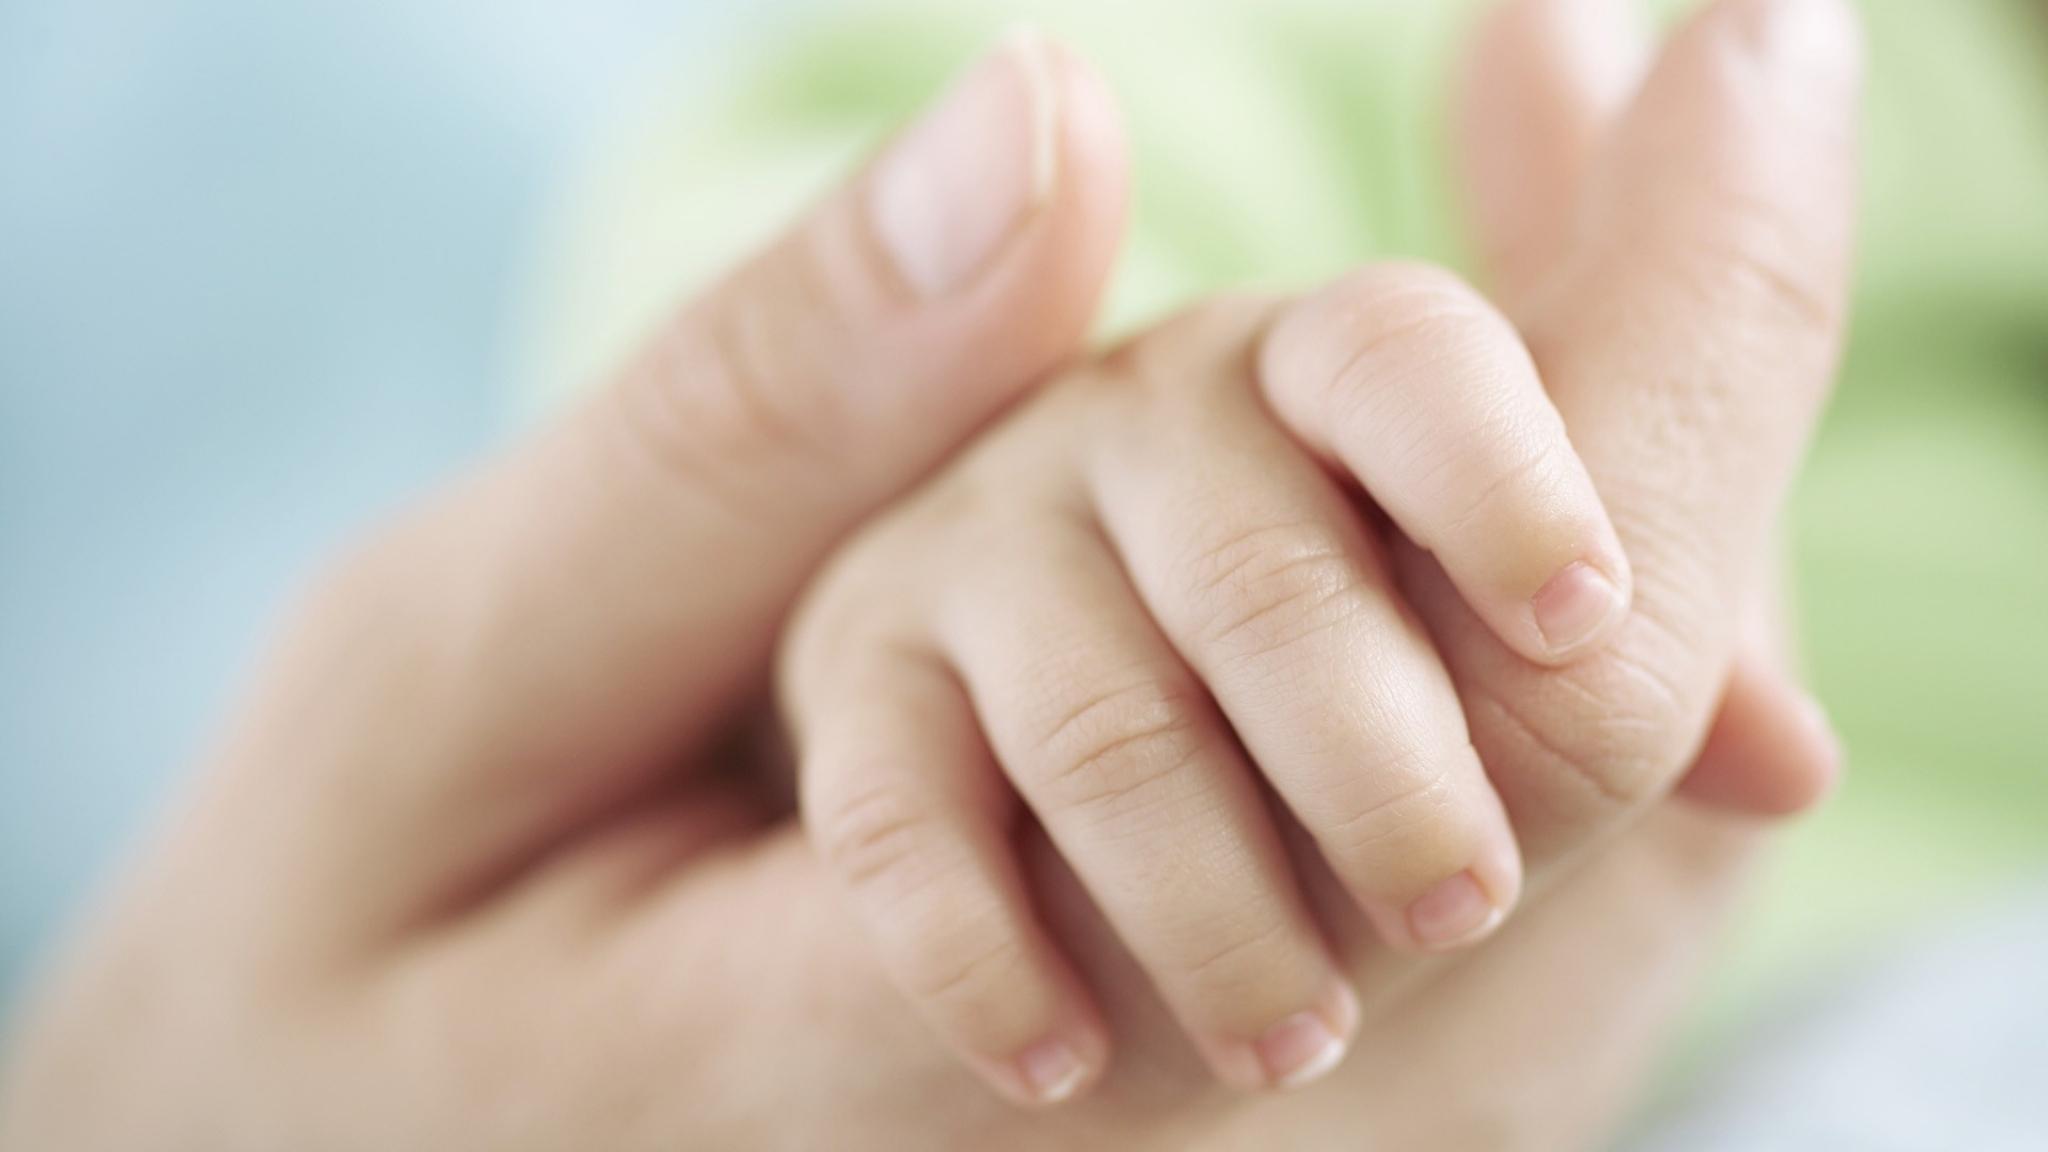 Тревожная статистика: каждая четвертая женщина в Молдове за 10 лет не родила ни одного ребенка